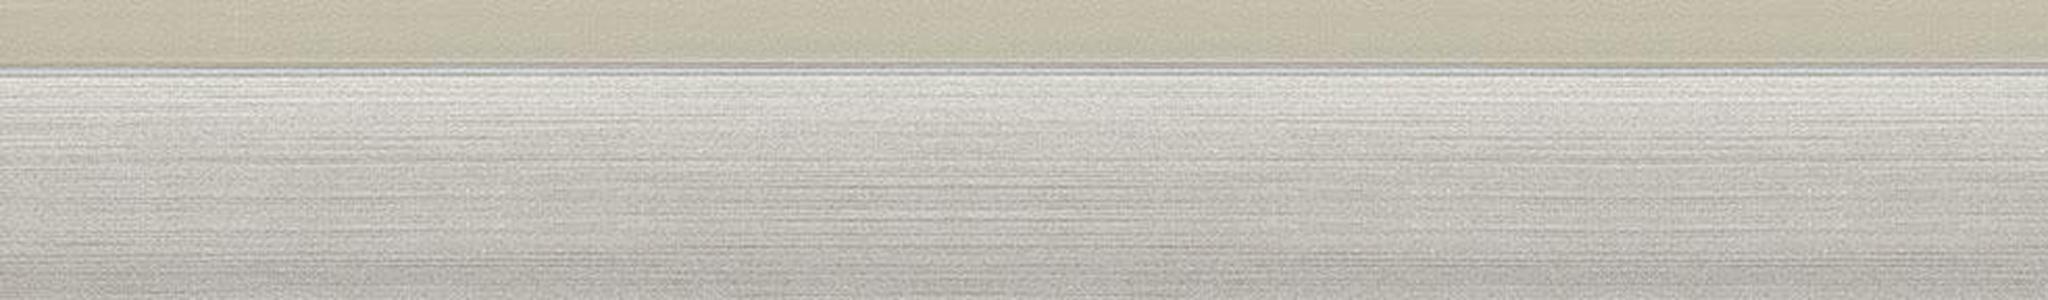 HD 29654 bordo acrilico 3D acciaio-grigio